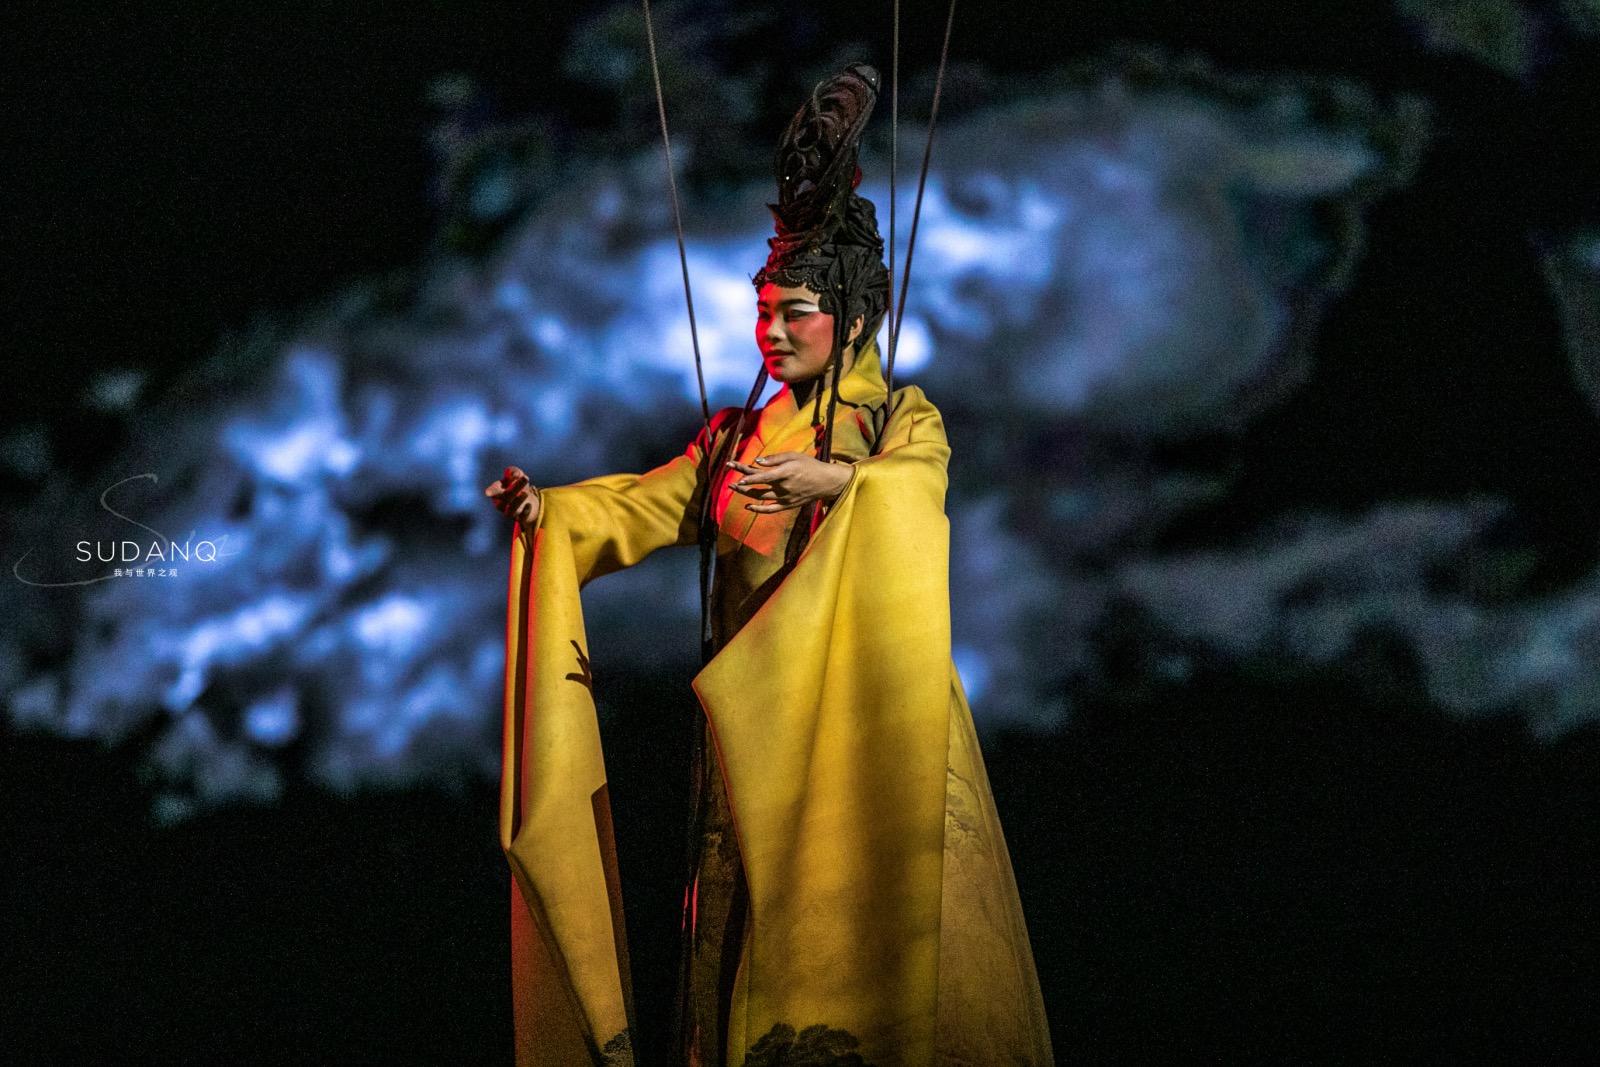 老外真的懂中国文化吗?武汉汉秀剧场震撼人心!门票最贵2699元